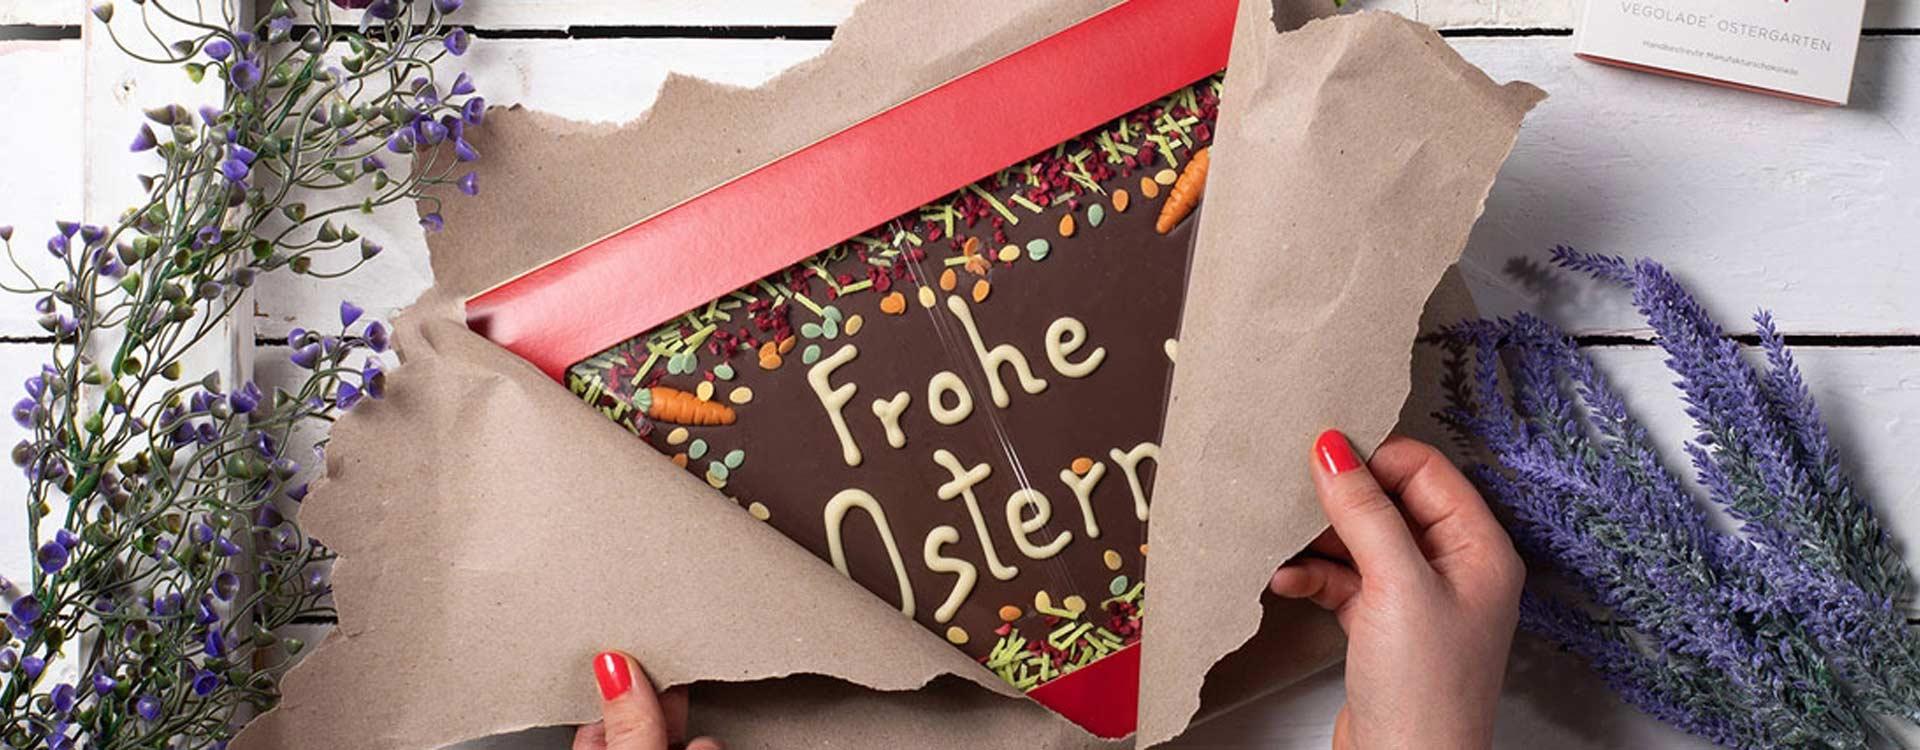 Liebe Ostergrüße wünscht man am besten mit leckerer Schokolade, am allerbesten mit echter Osterschokolade